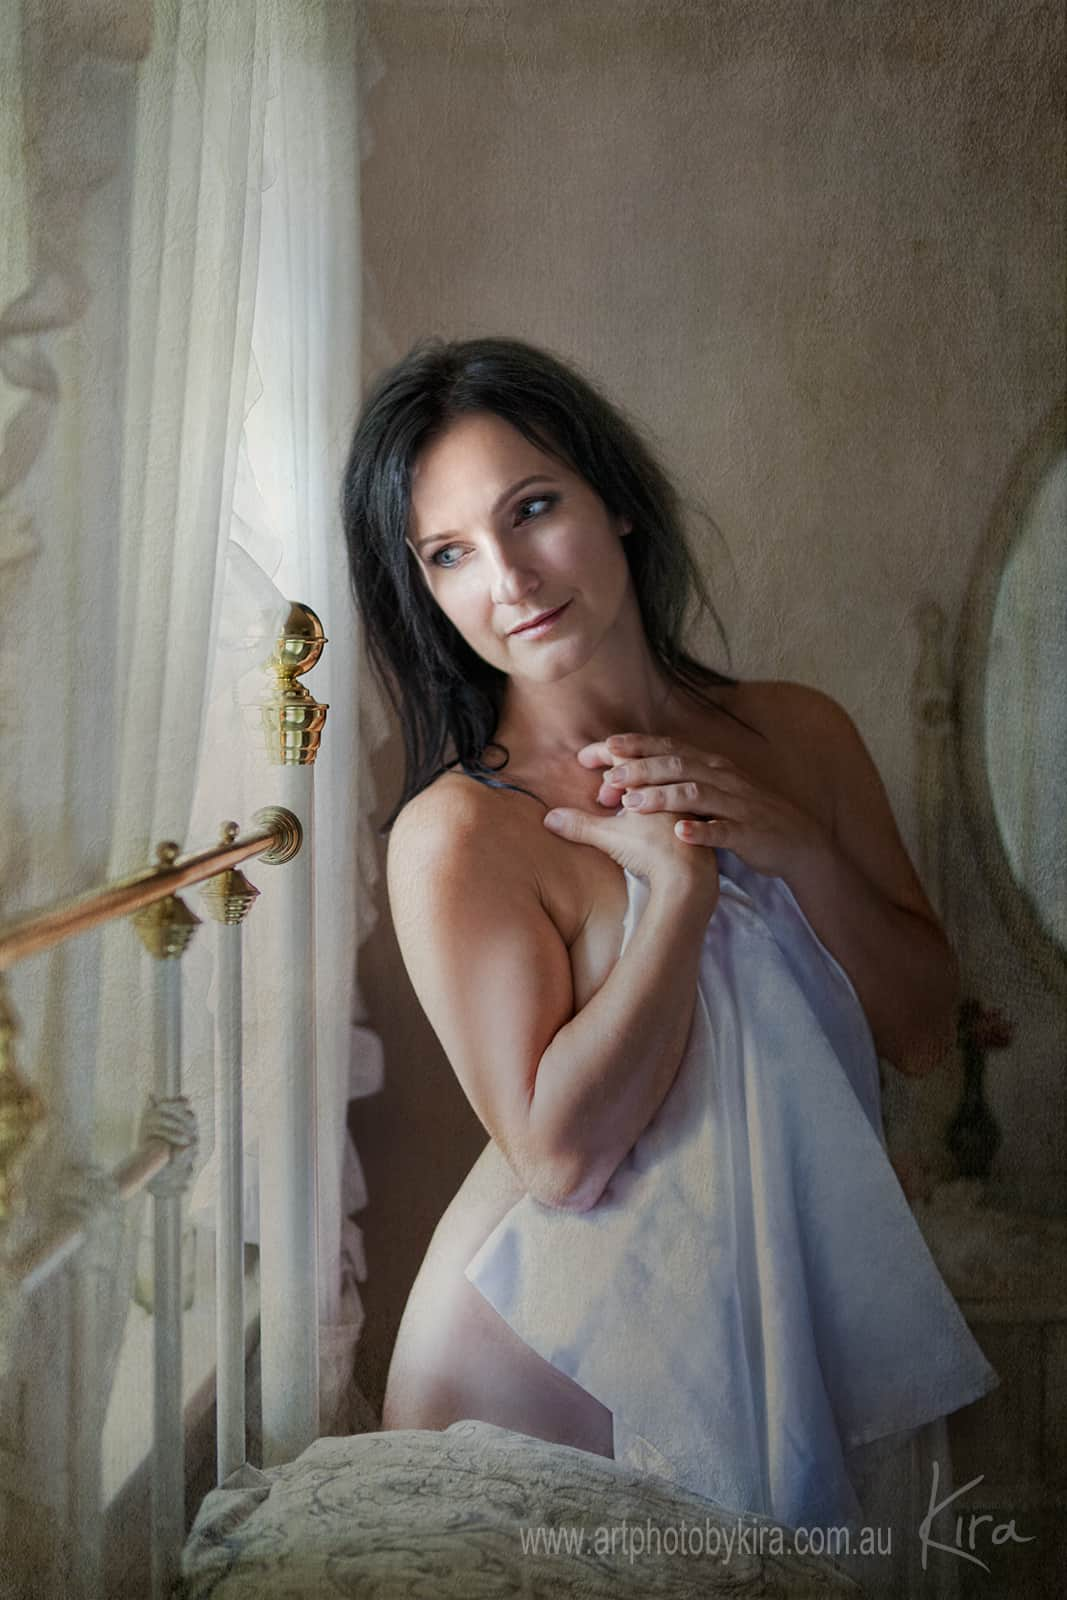 boudoir photography near window